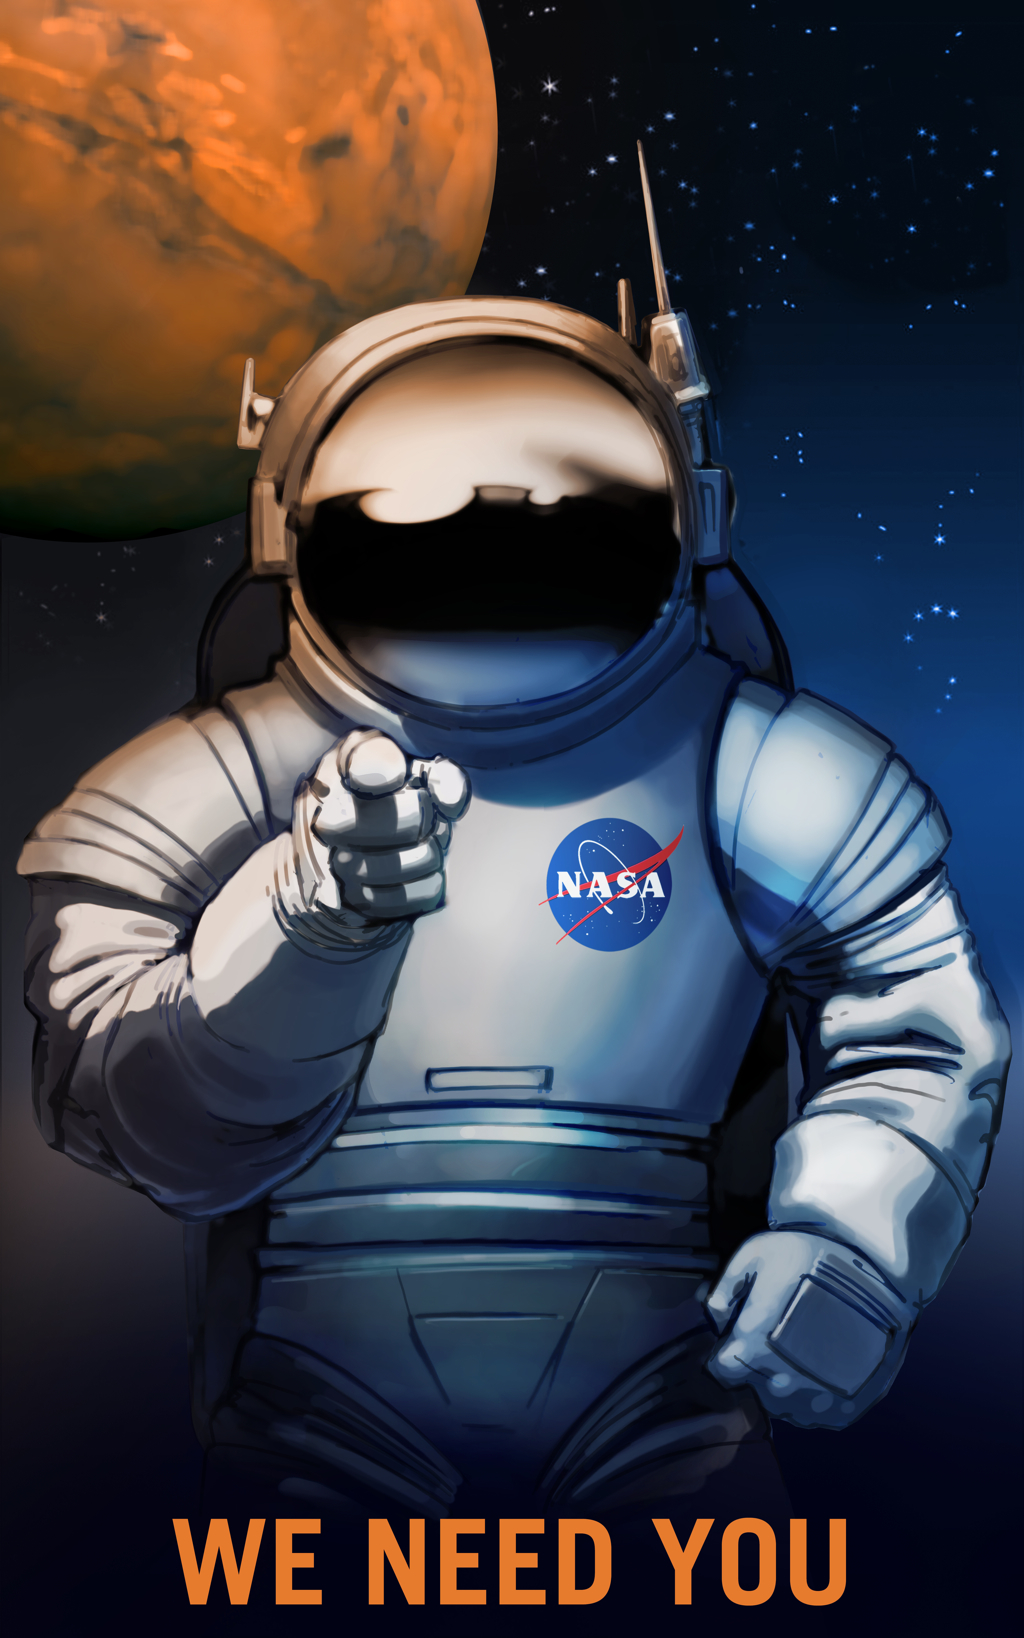 Images courtesy NASA.